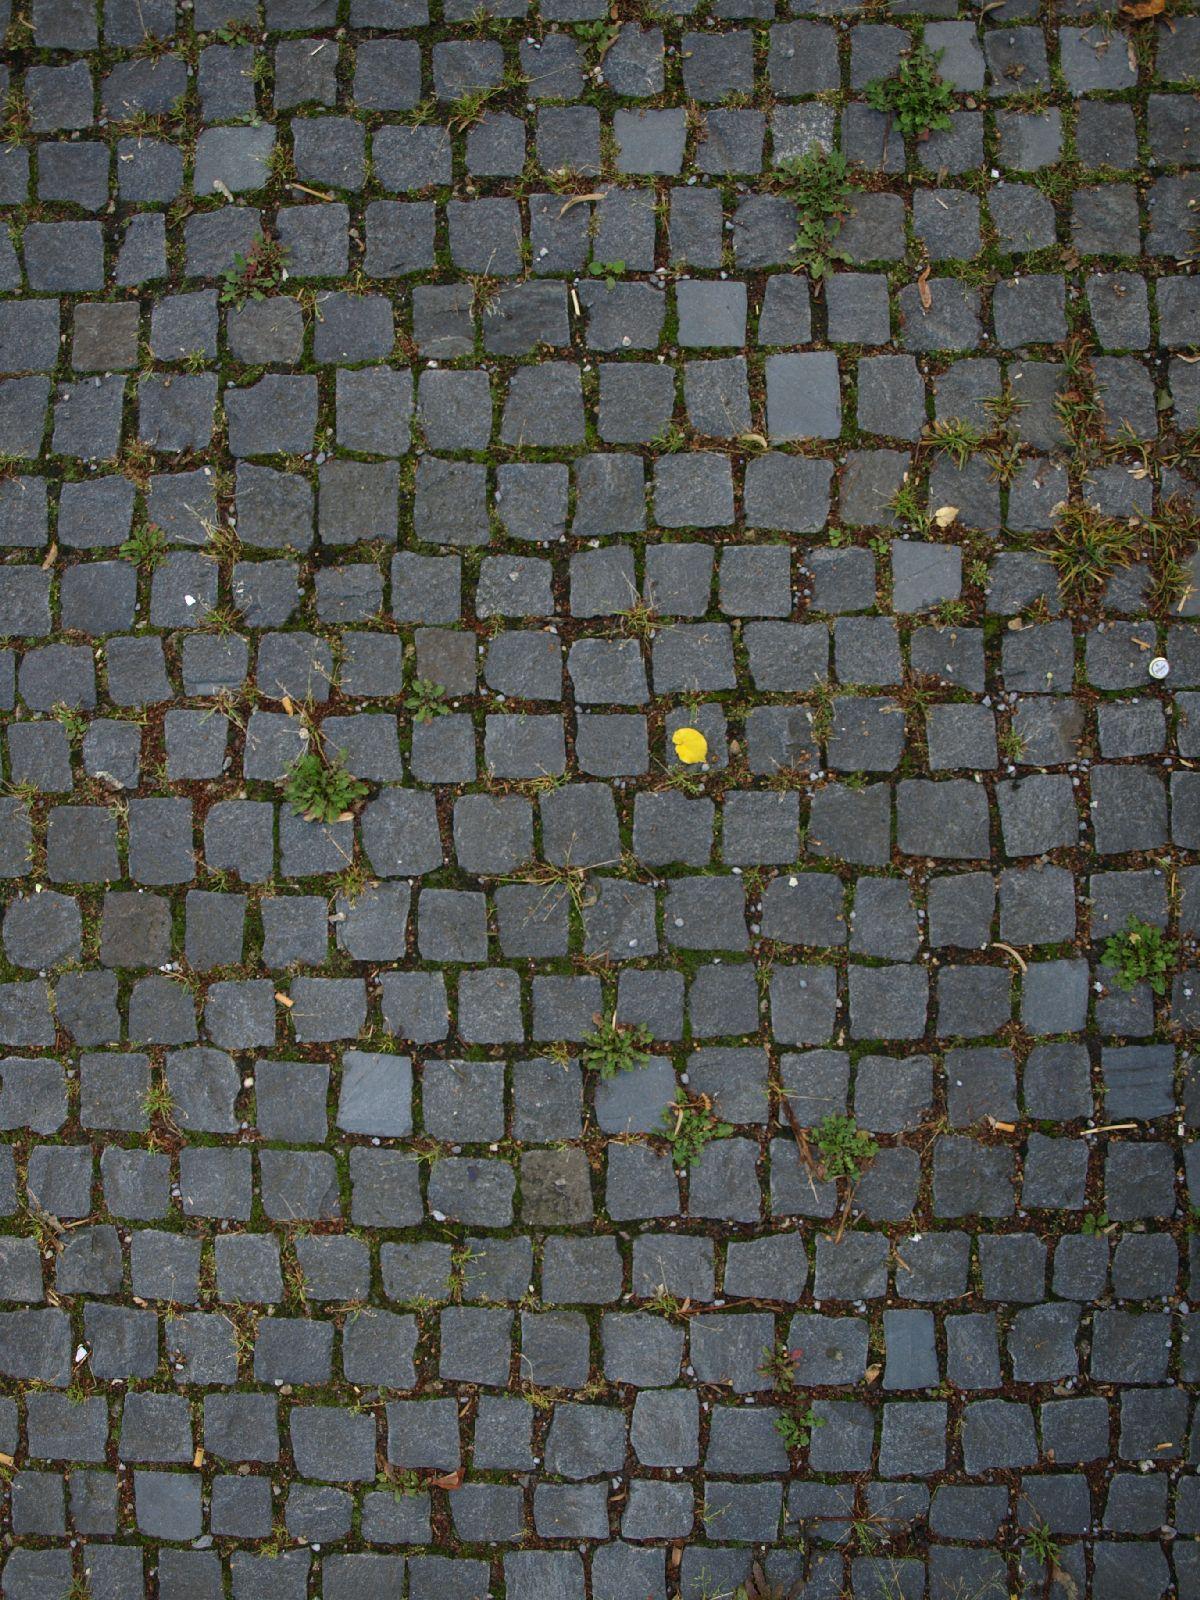 Boden-Gehweg-Strasse-Buergersteig-Textur_A_P8234590